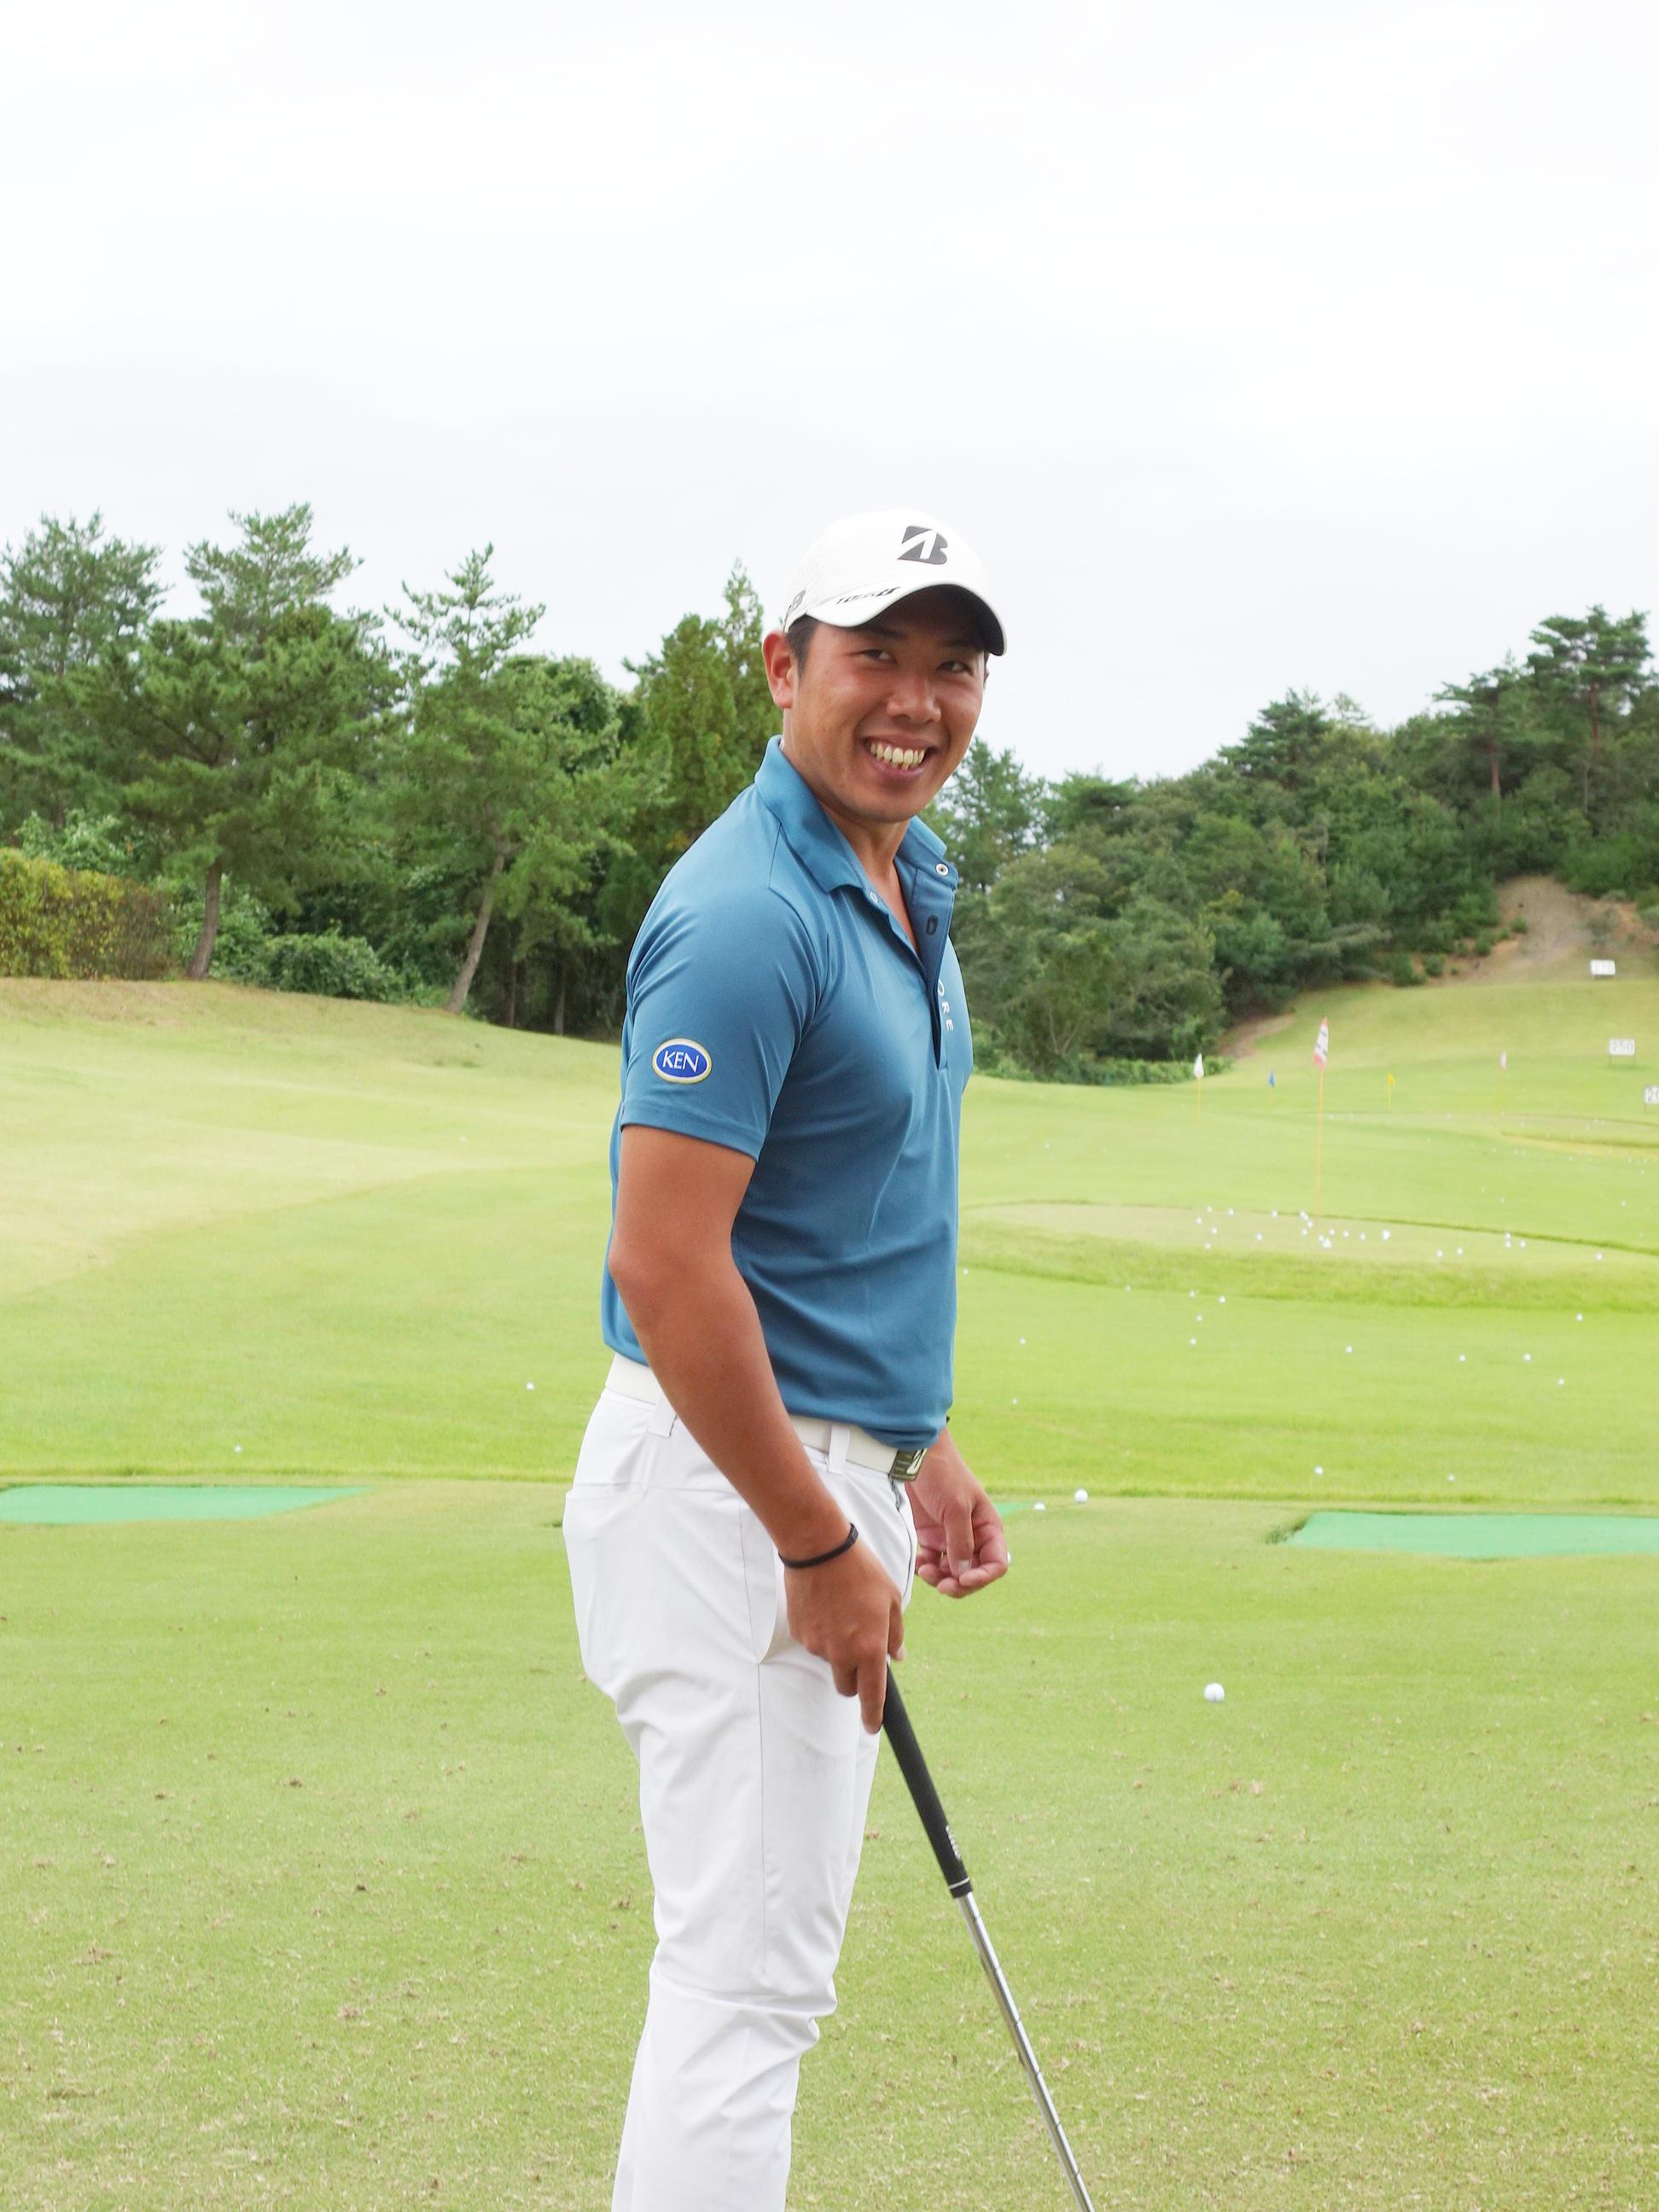 https://www.bs-golf.com/pro/0b84e3cb7a68d6b133e80839239af8a3597de797.JPG